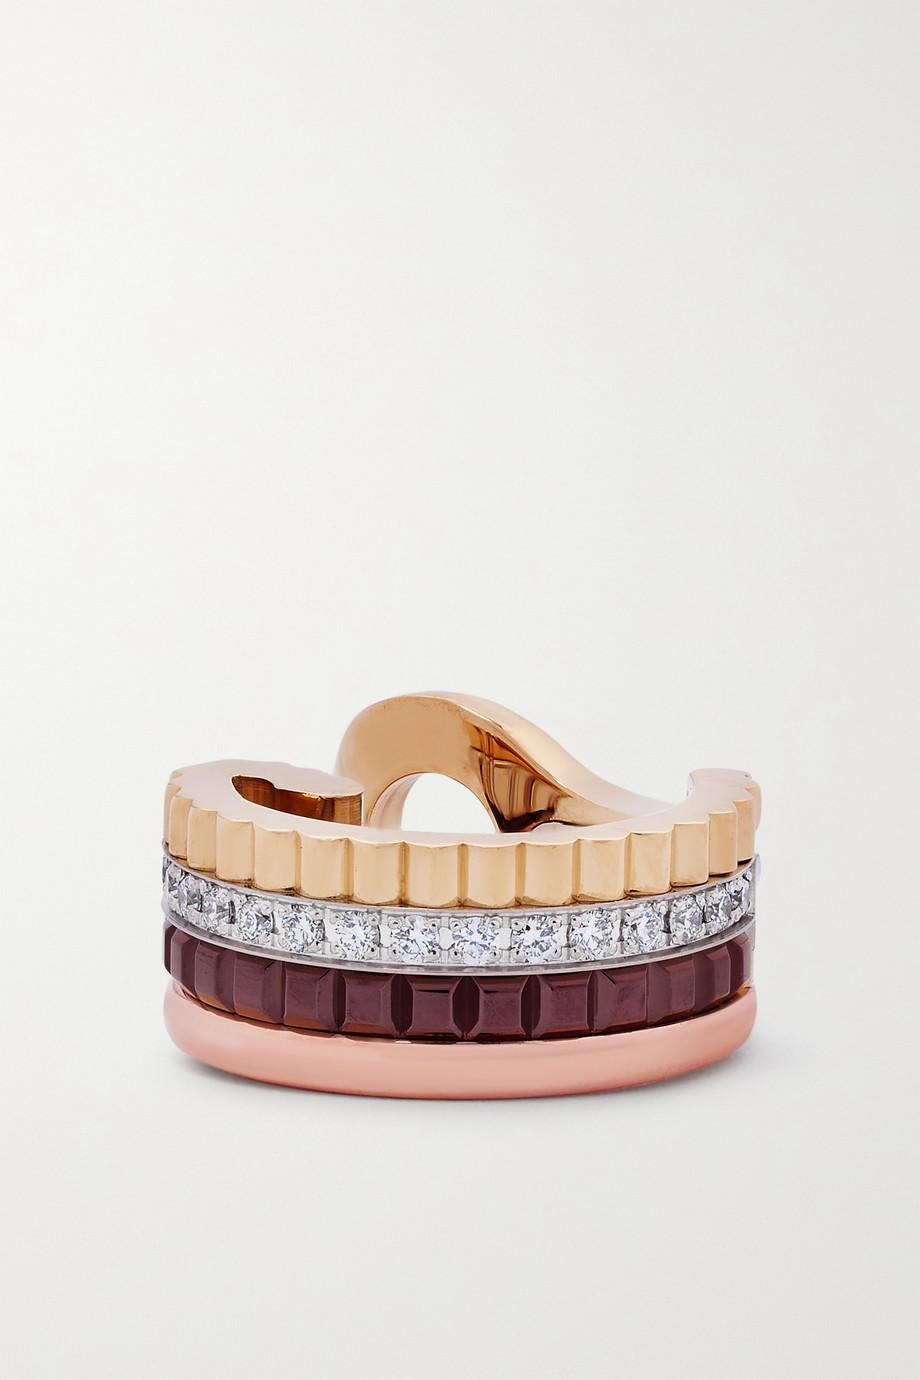 Boucheron Quatre Classique Small einzelner Ohrclip aus 18 Karat Gelb-, Weiß- und Roségold mit PVD-Beschichtung und Diamanten